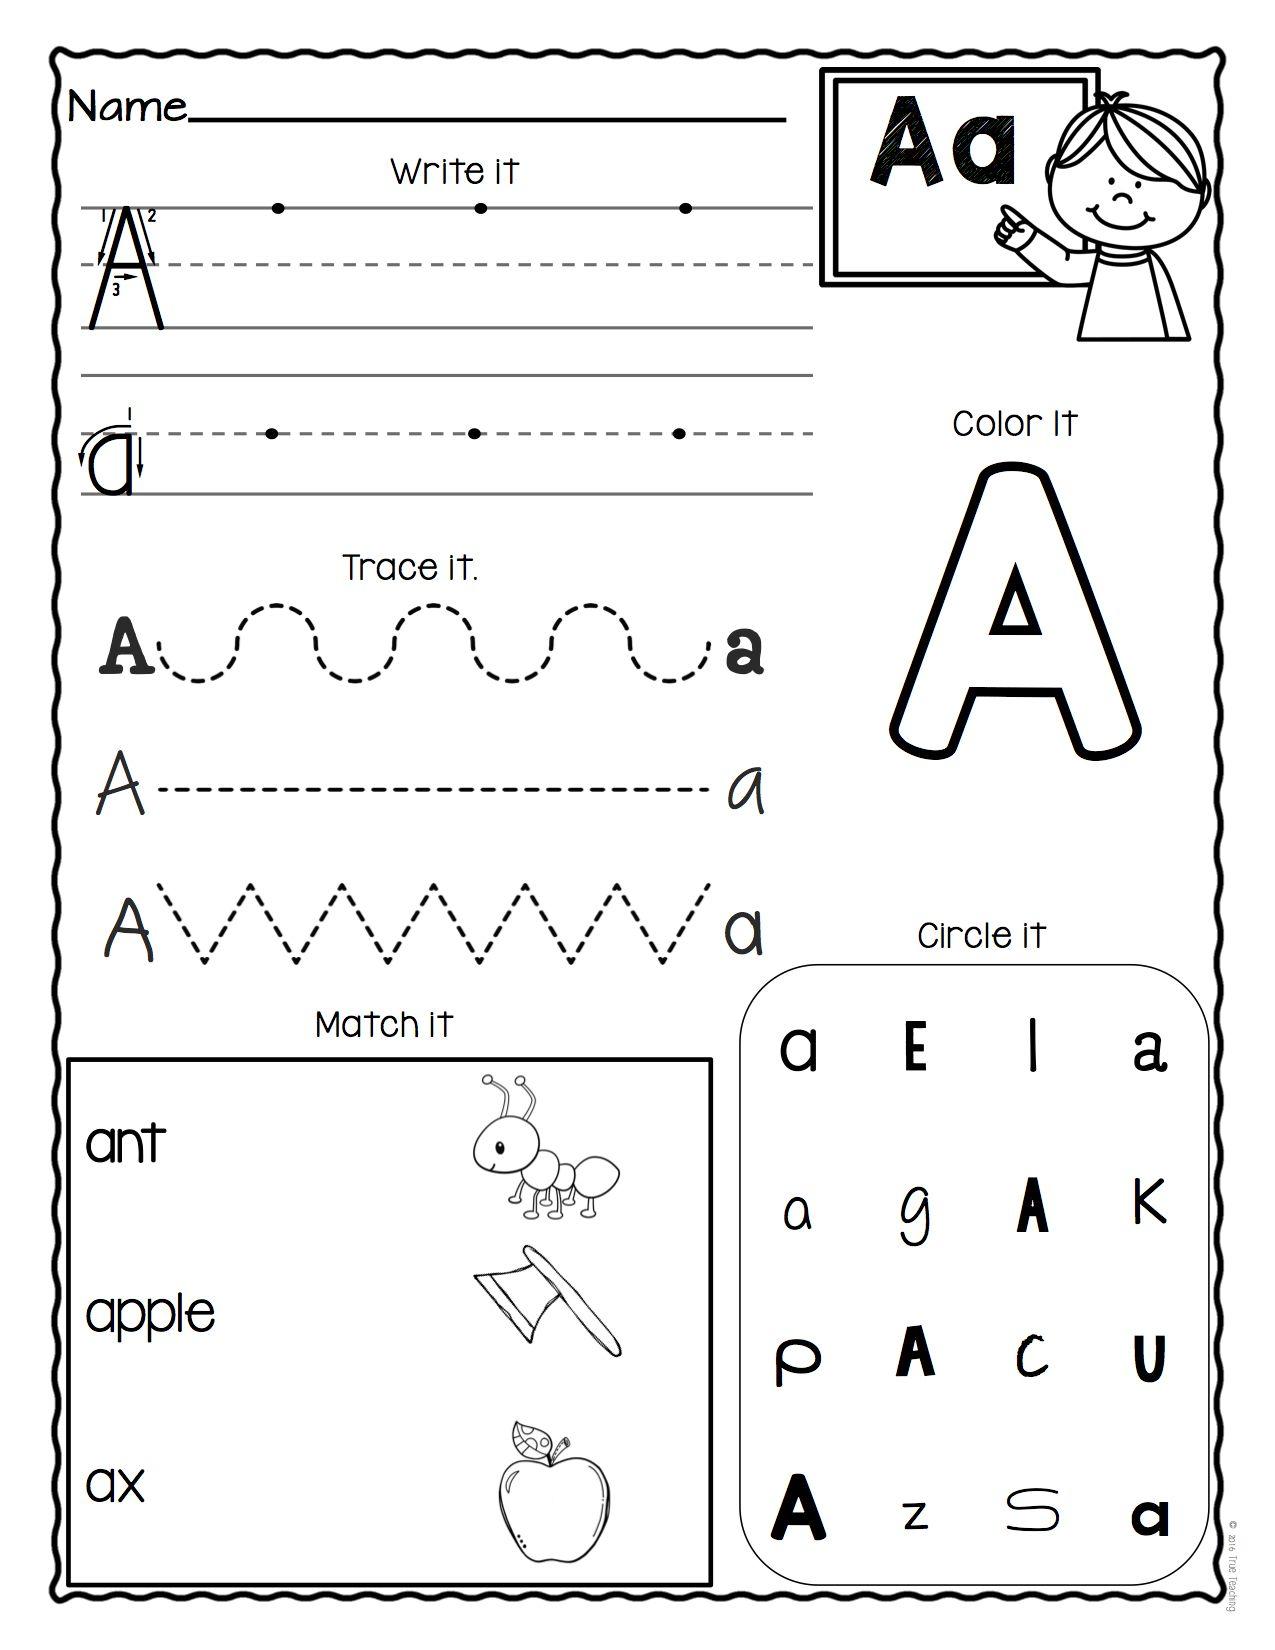 16 Best Preschool Letter Worksheets C Images On Best